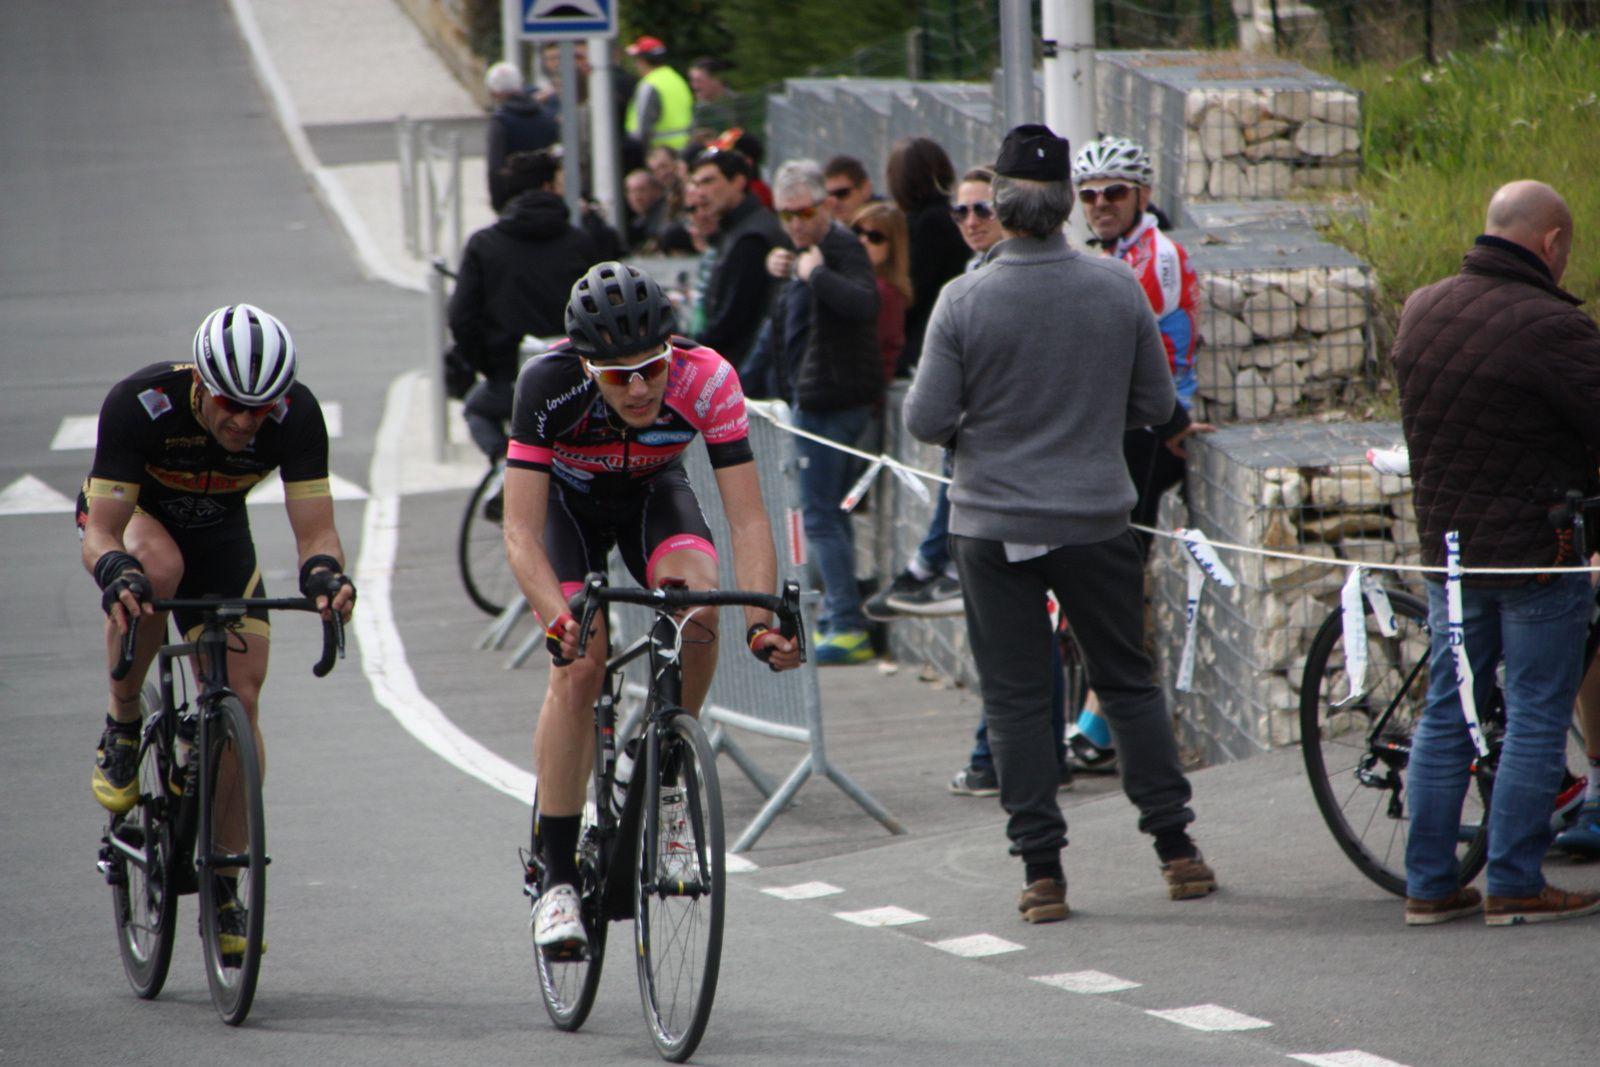 Les  deux  coureurs  font  le  forcing  a  2  tours  de  l'arrivée